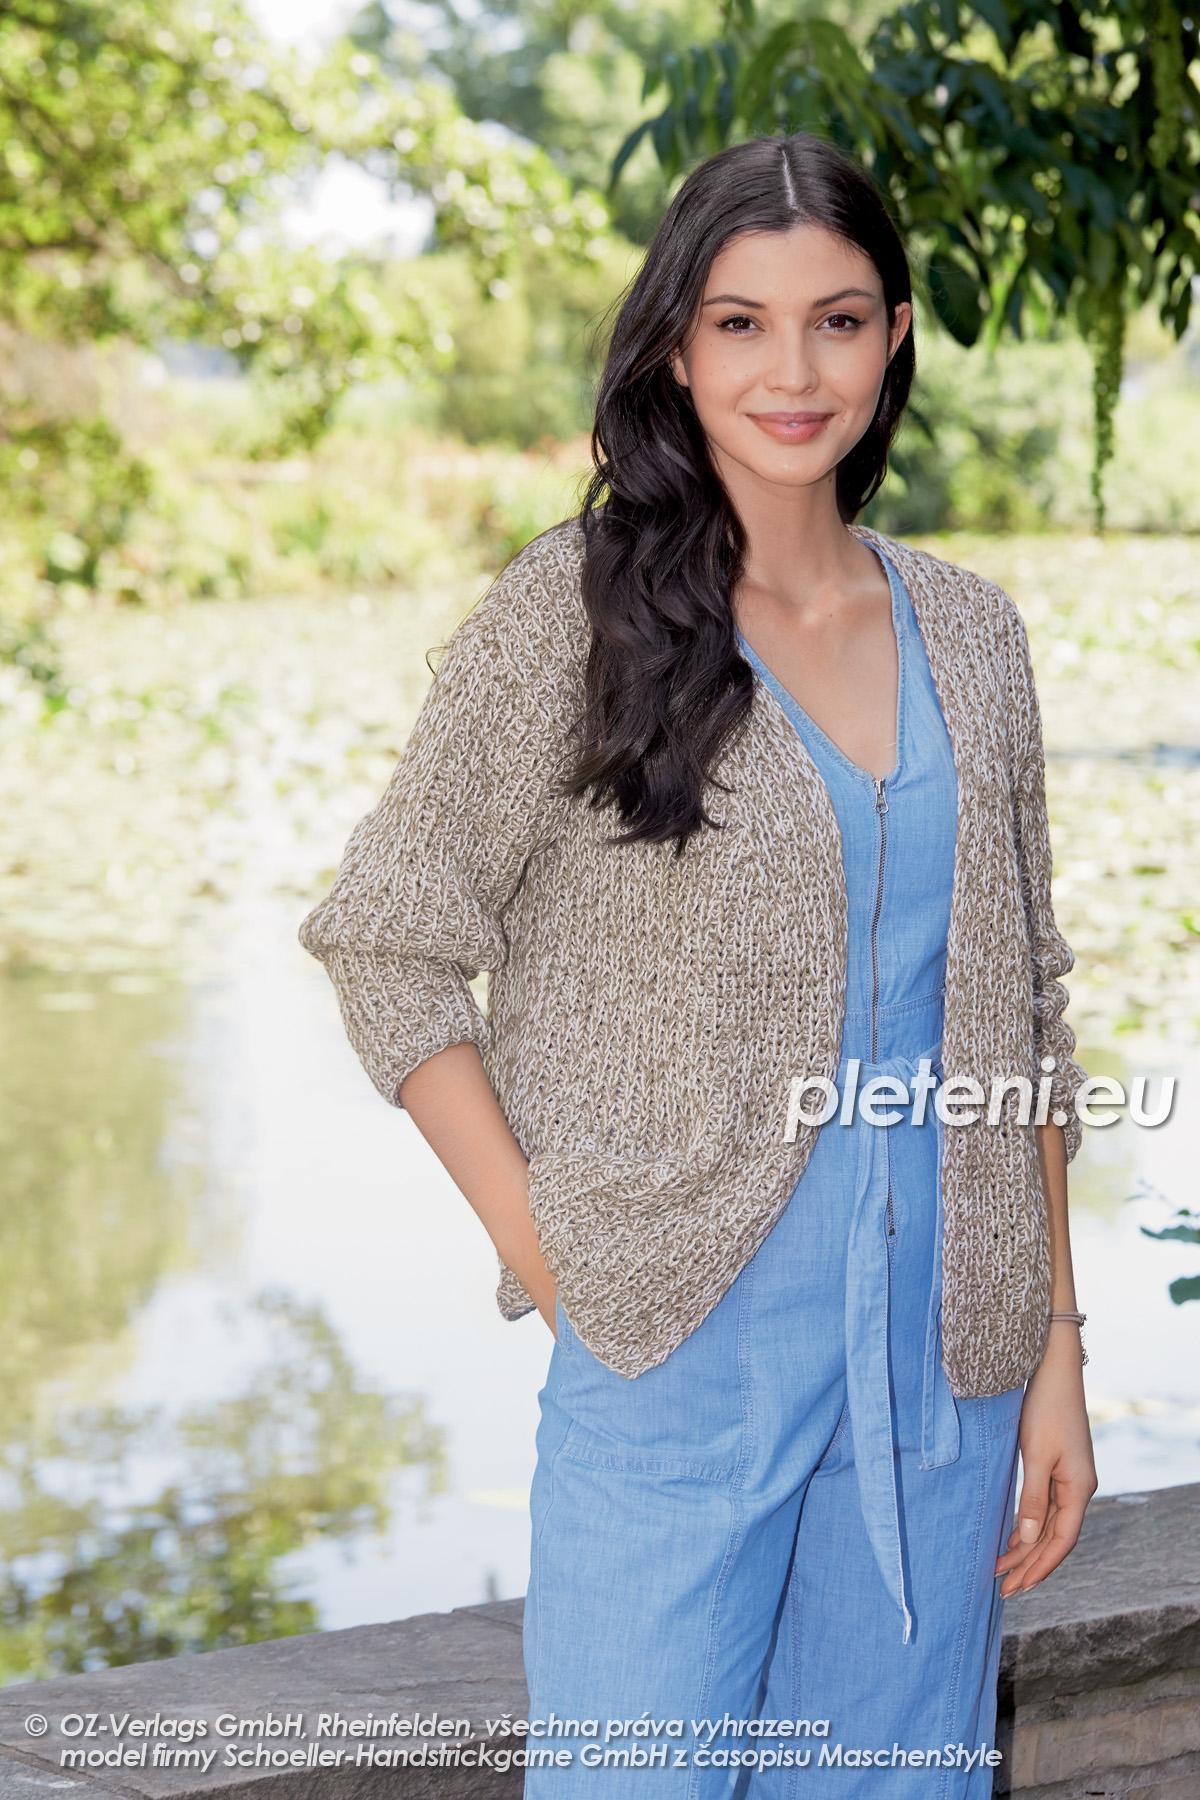 2020-L-18 pletený dámský kabátek z příze Merino Cotton značky Austermann